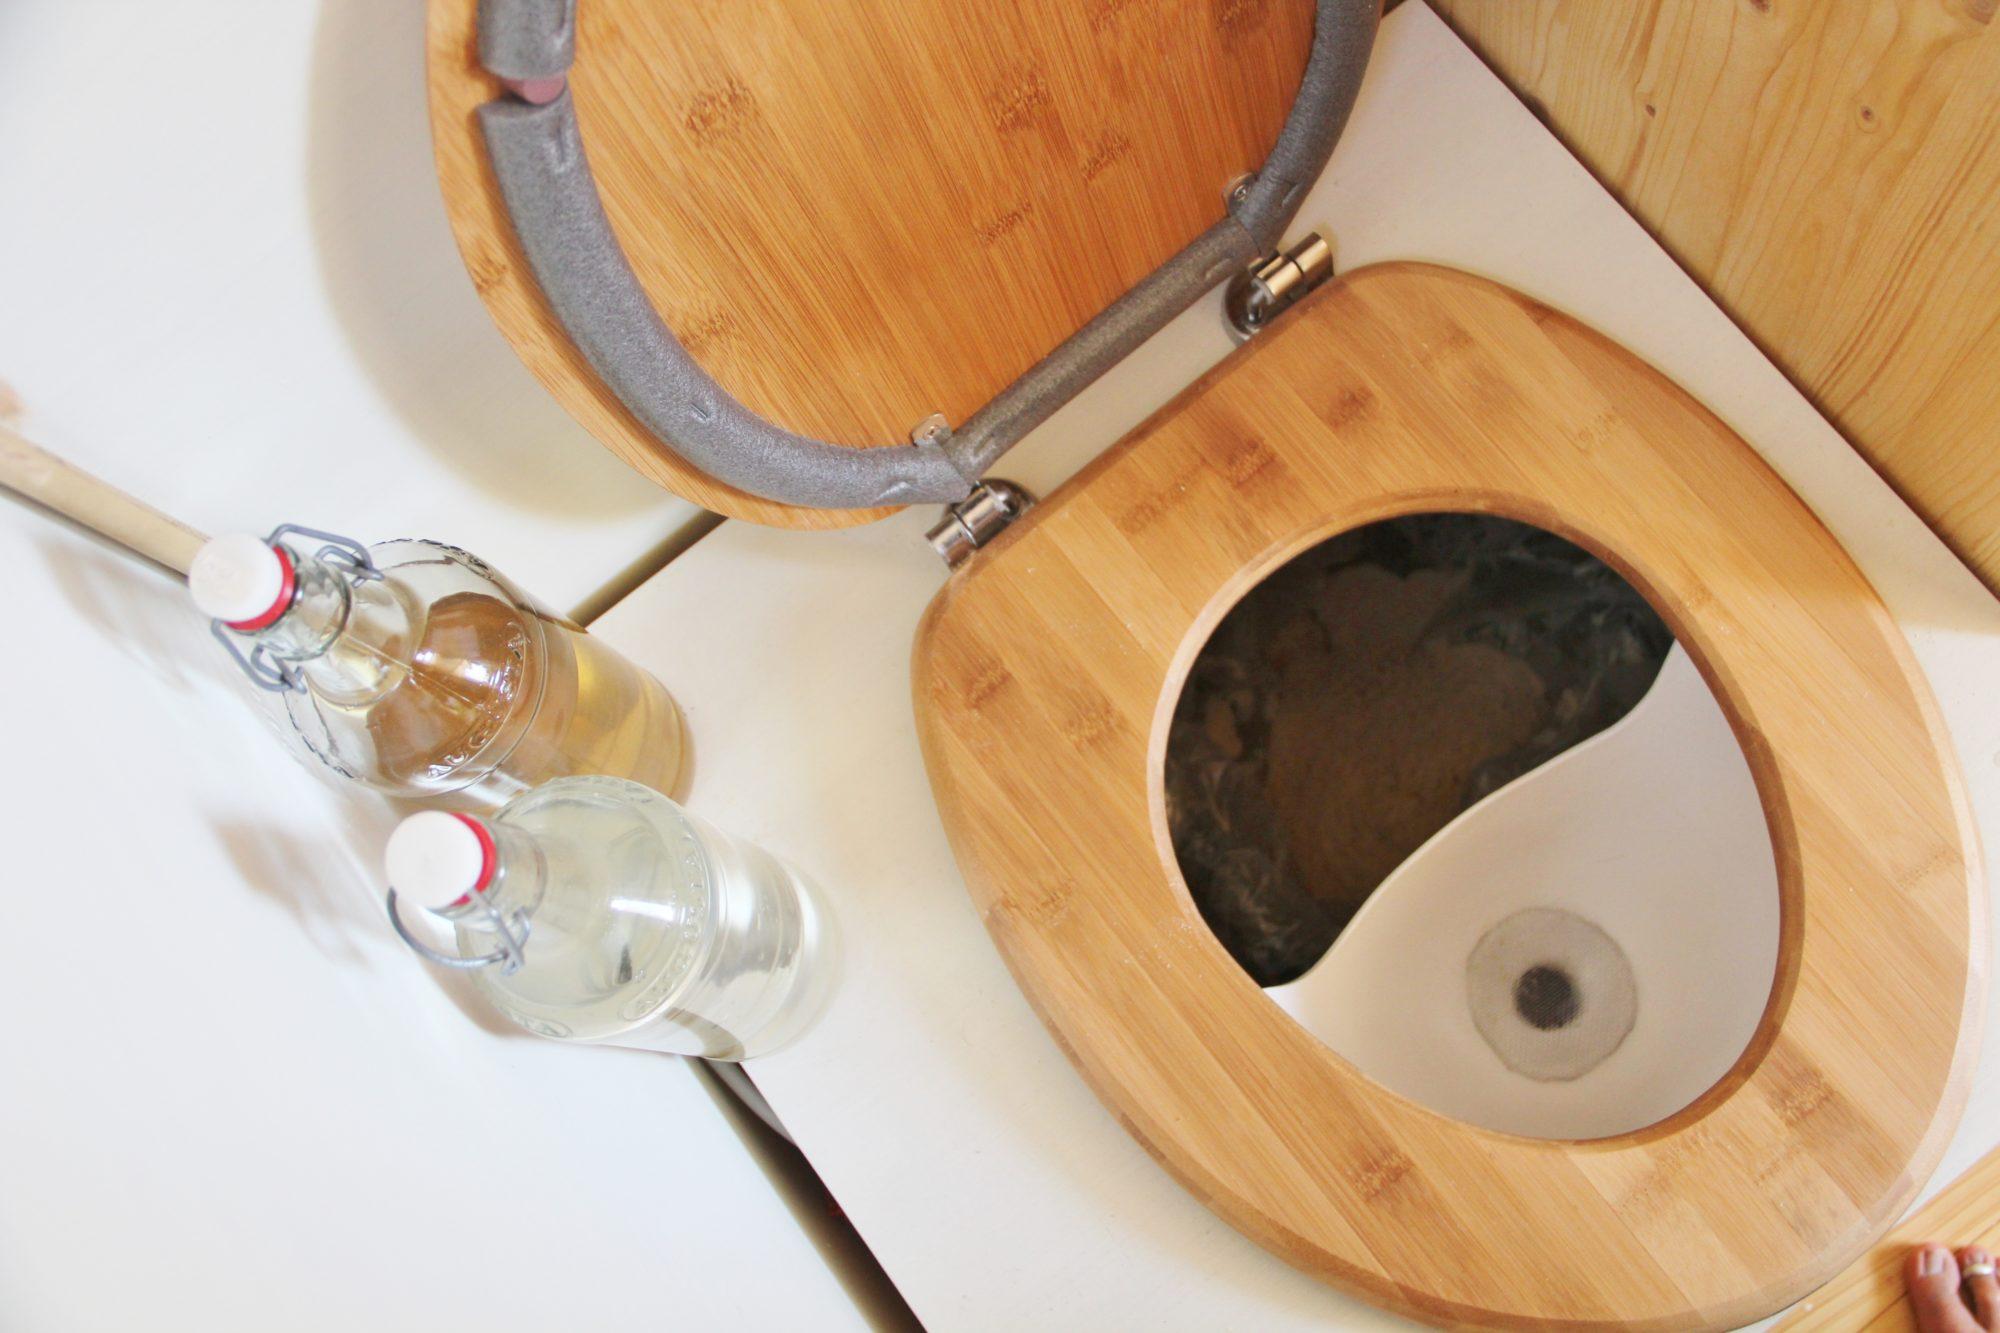 Trockentrenntoilette im Tiny House: Anwendung und Verbesserung